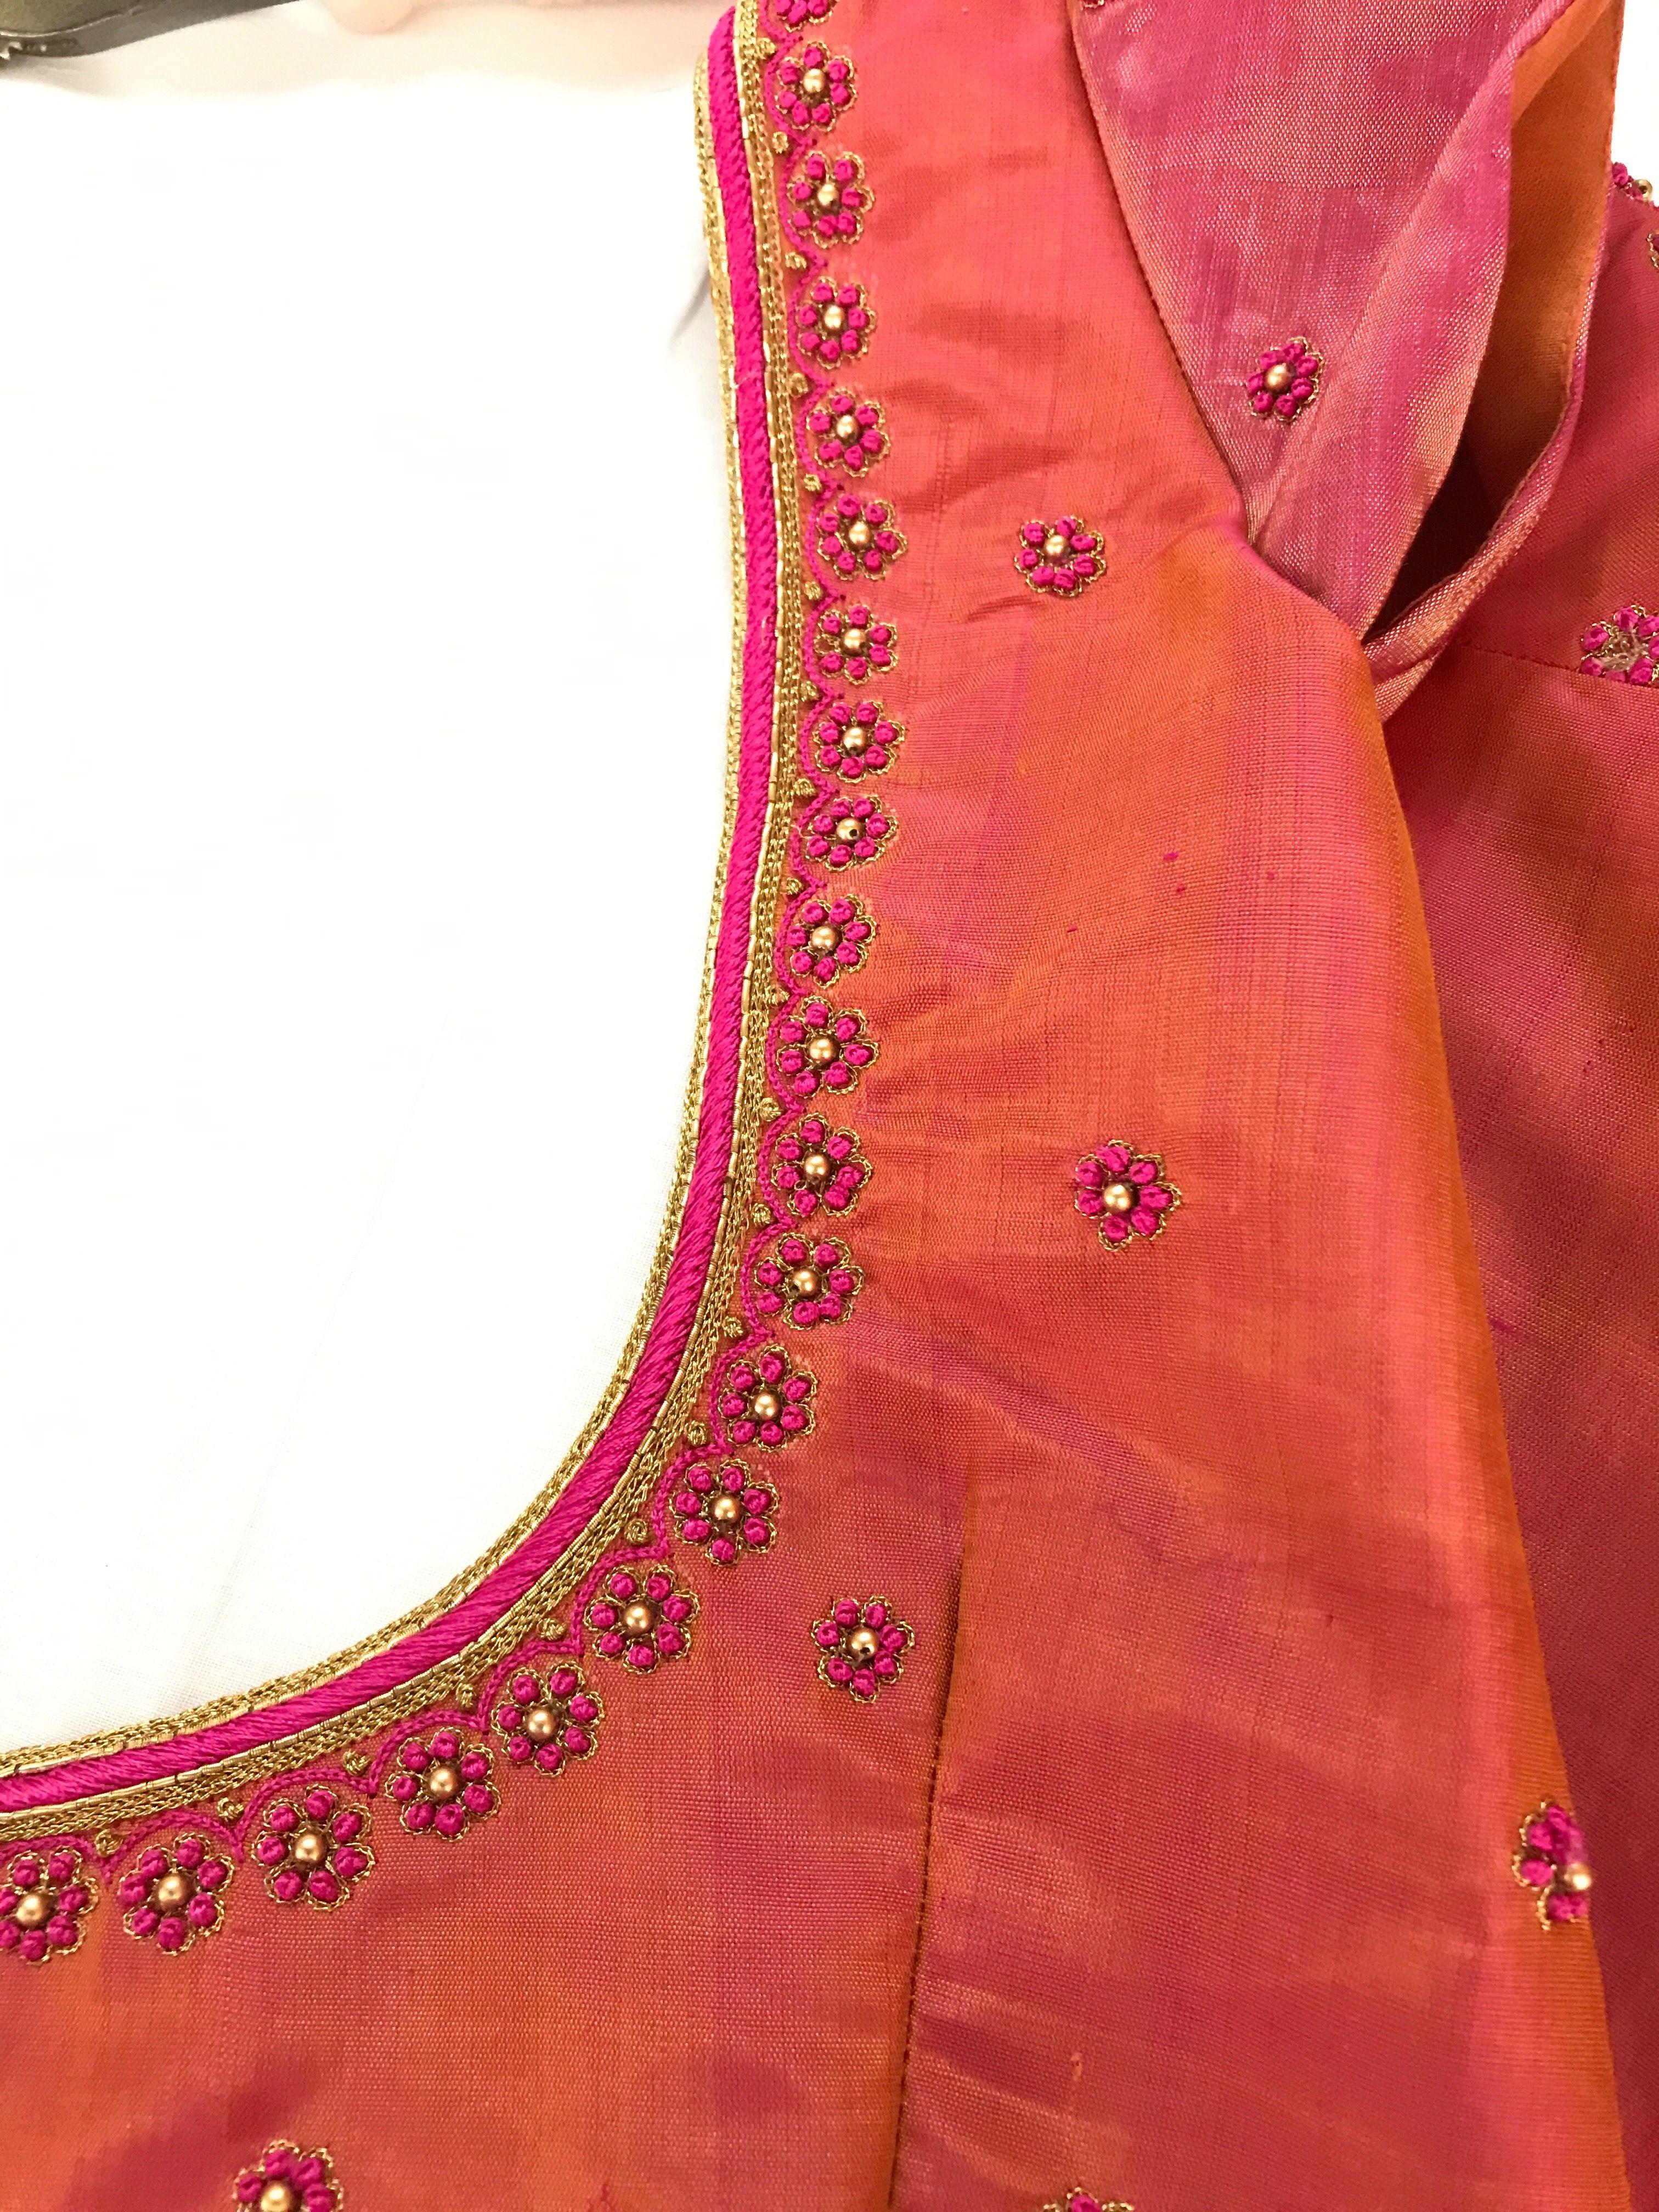 64053612b9cbd7 Blouse design | blouses in 2019 | Blouse designs, Blouse designs ...